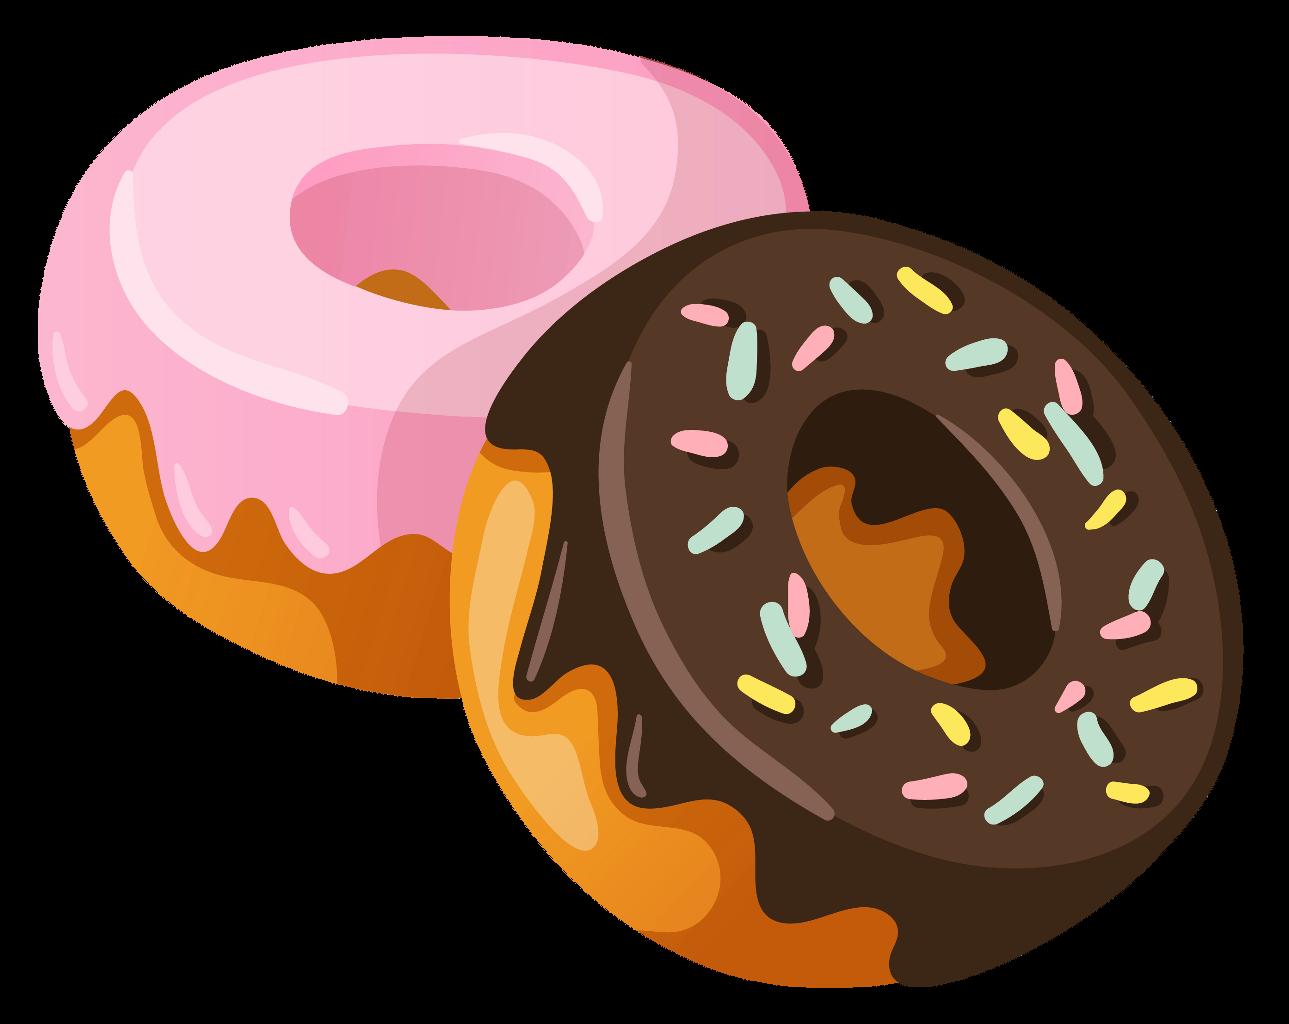 Donuts clipart kawaii. Donat cute ftestickers sticker